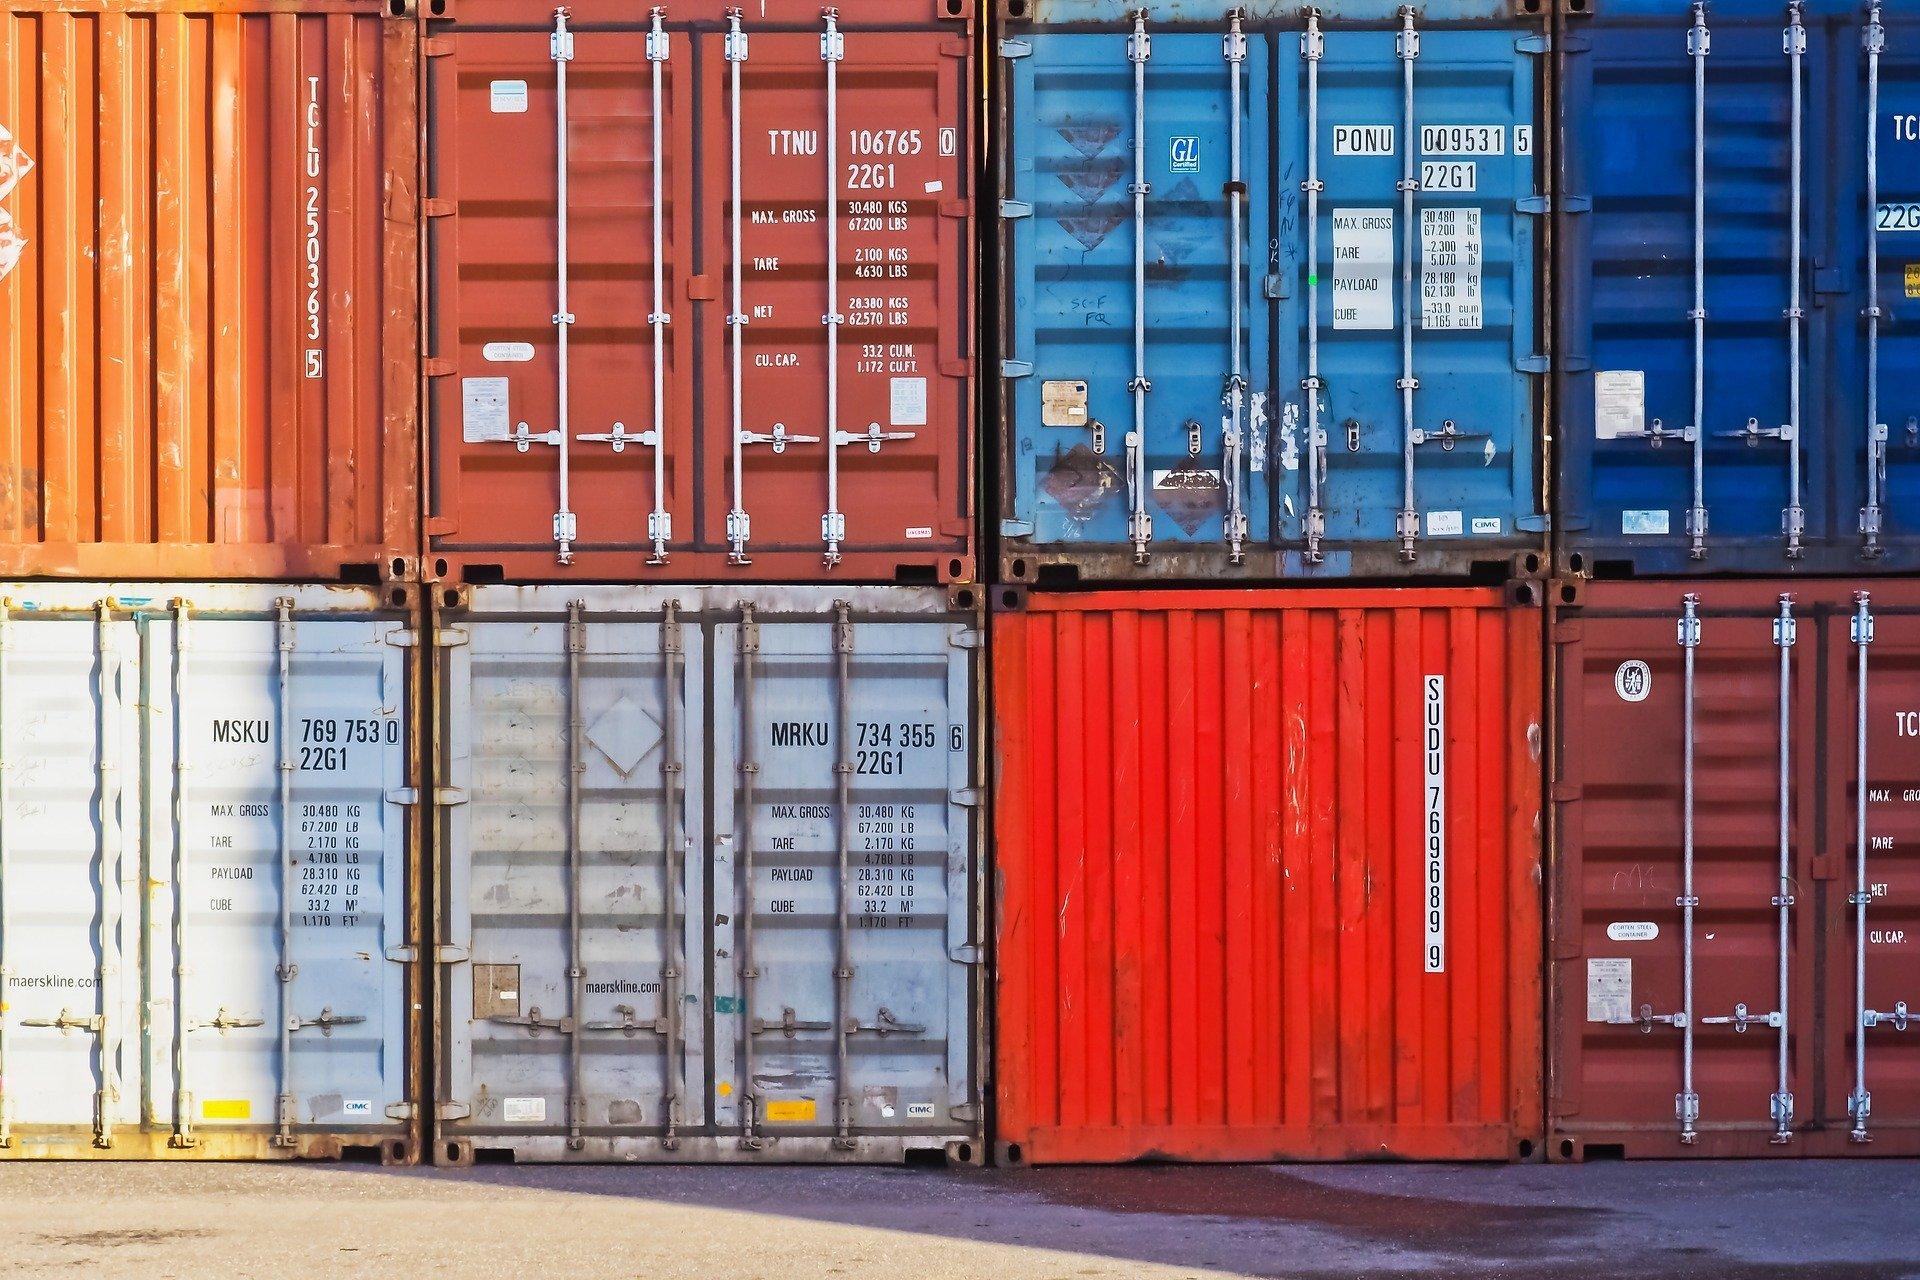 Piani in inox: boom dell'import – Volano gli arrivi dall'Unione europea